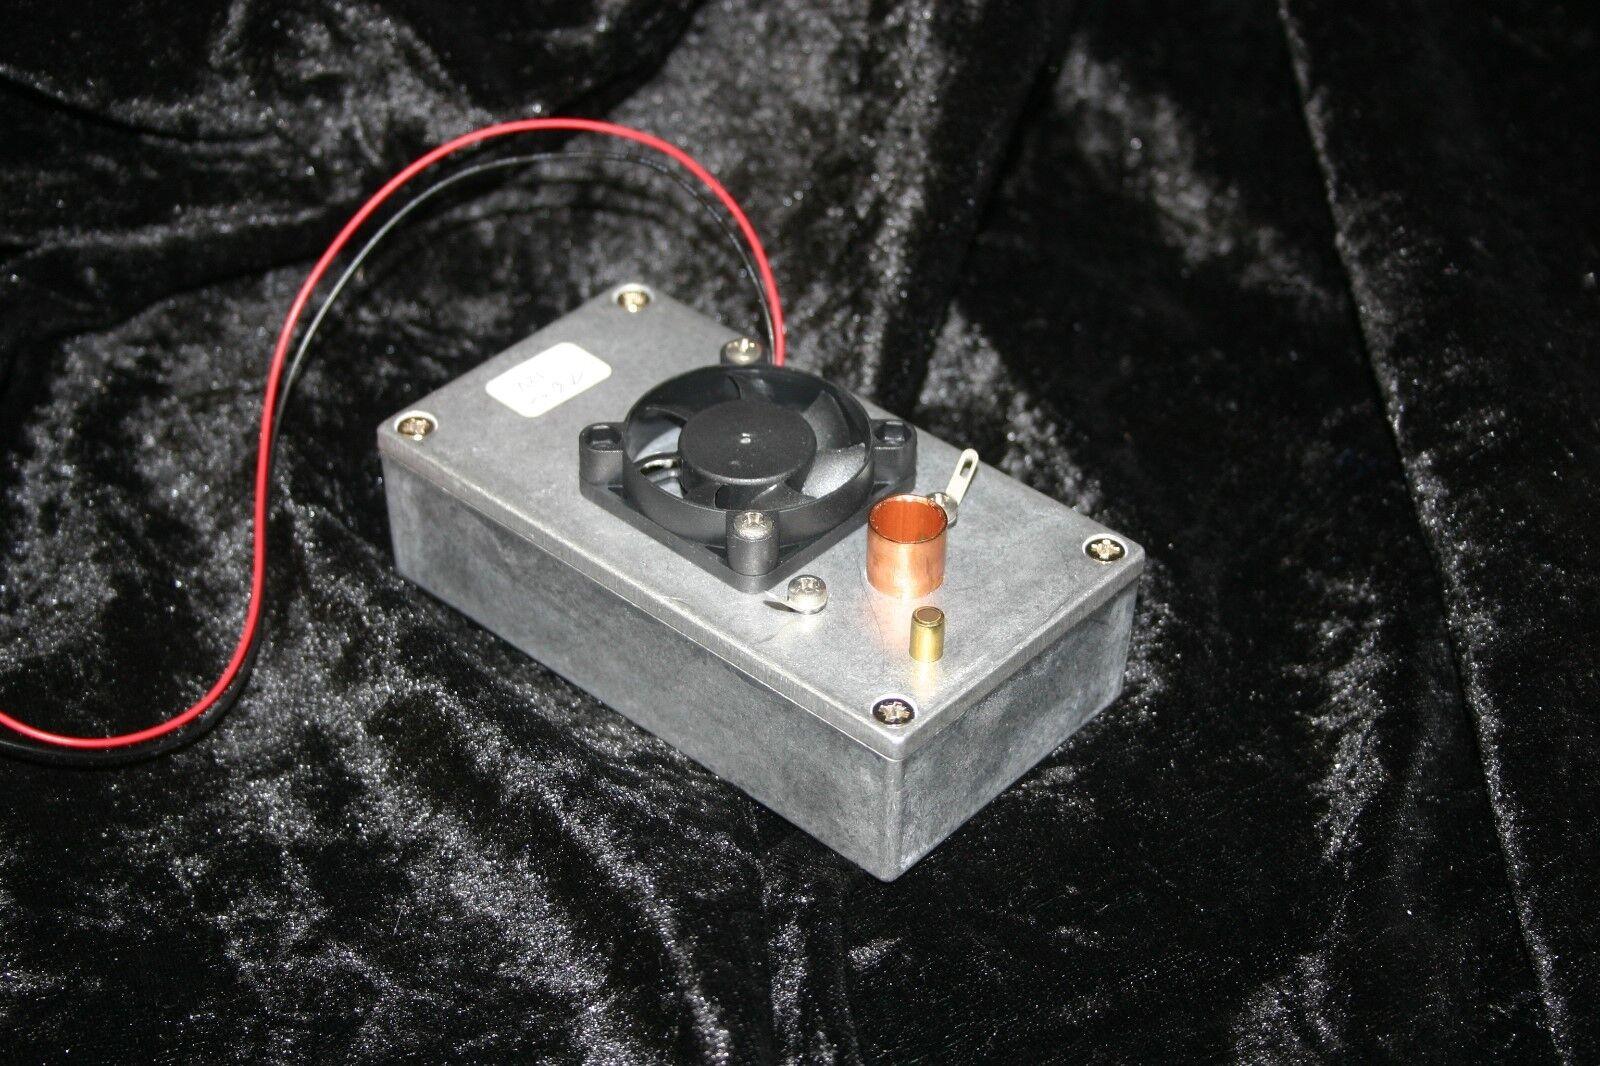 6v 7,2v, etc. hasta 24v humo productores generador de humo Smoker para modelos de gran tamaño